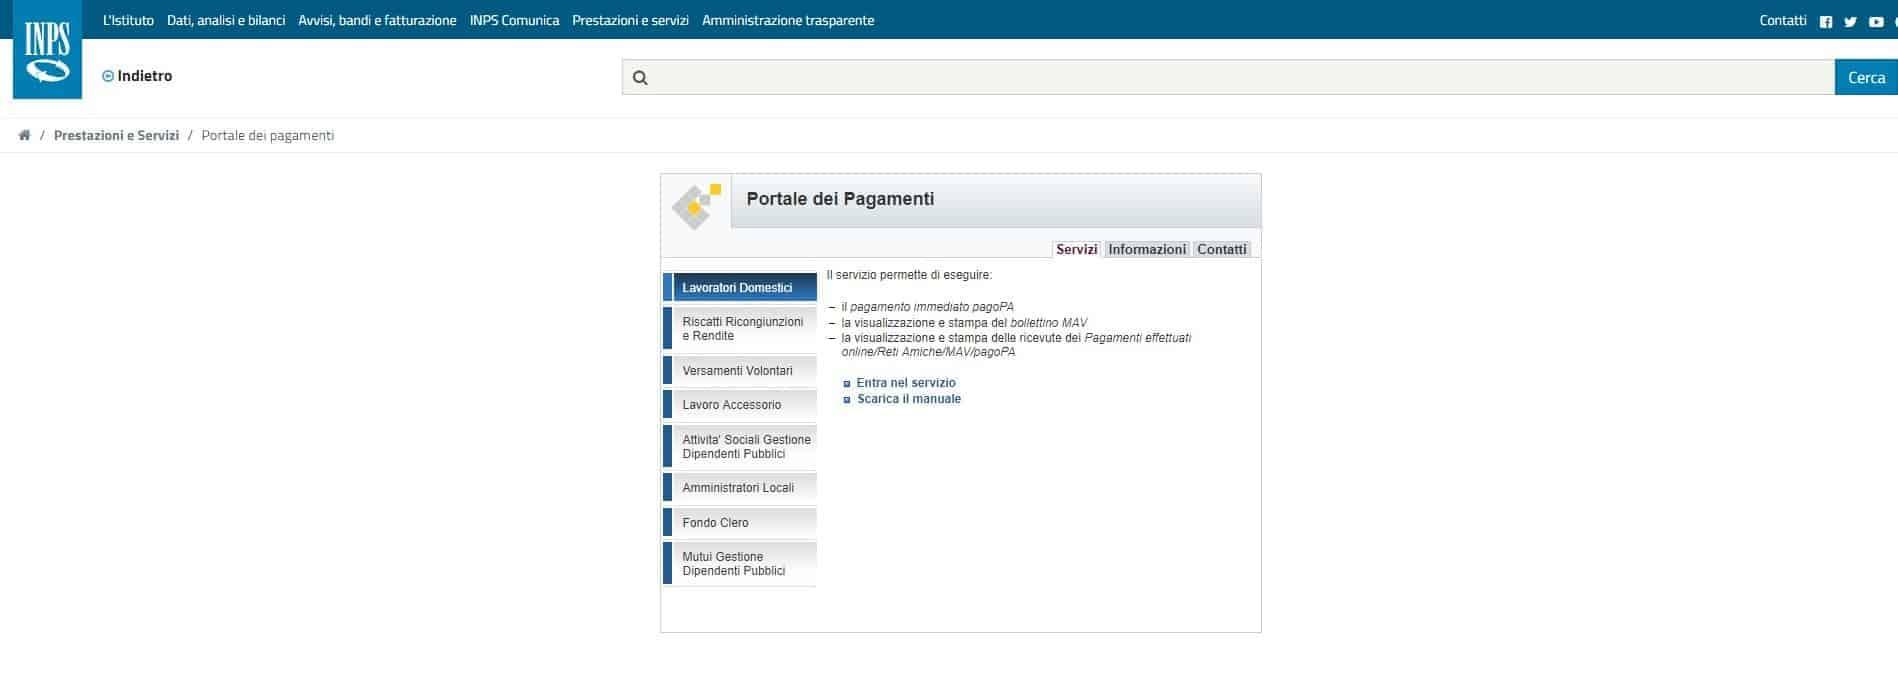 Pagamenti contributi colf e badanti con Inps portale dei pagamenti